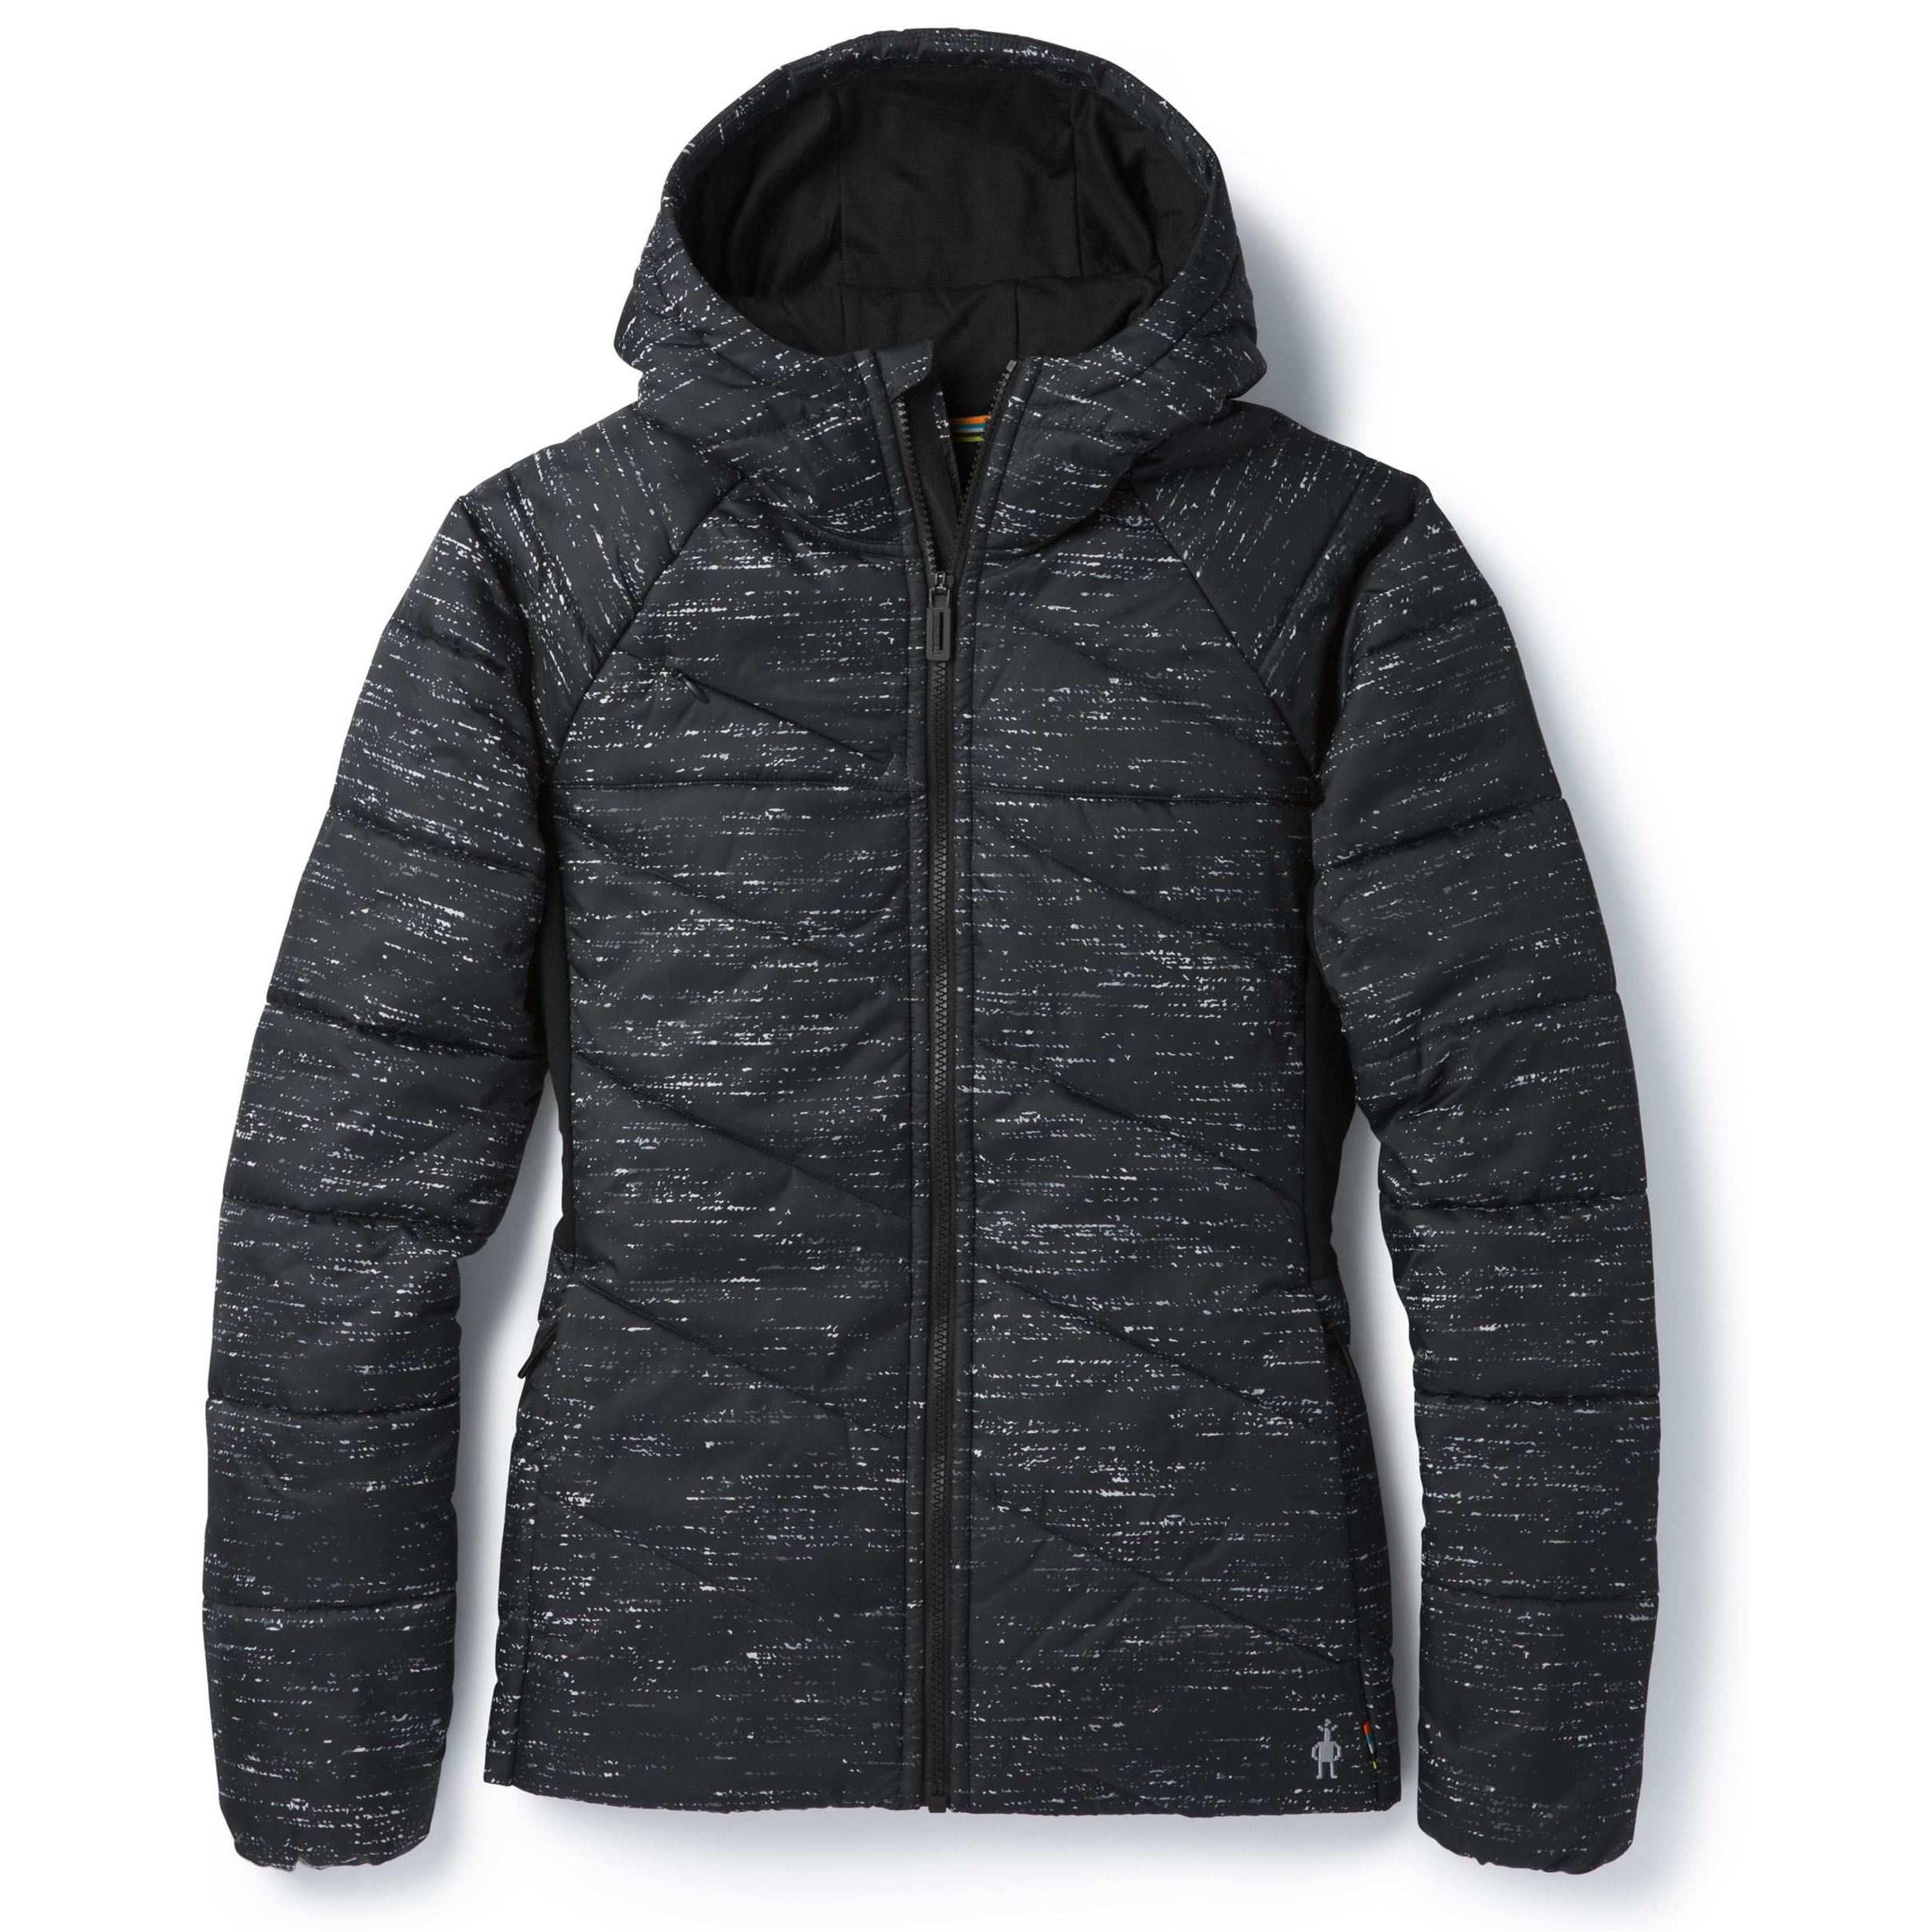 Smartloft 150 Jacket - Women's